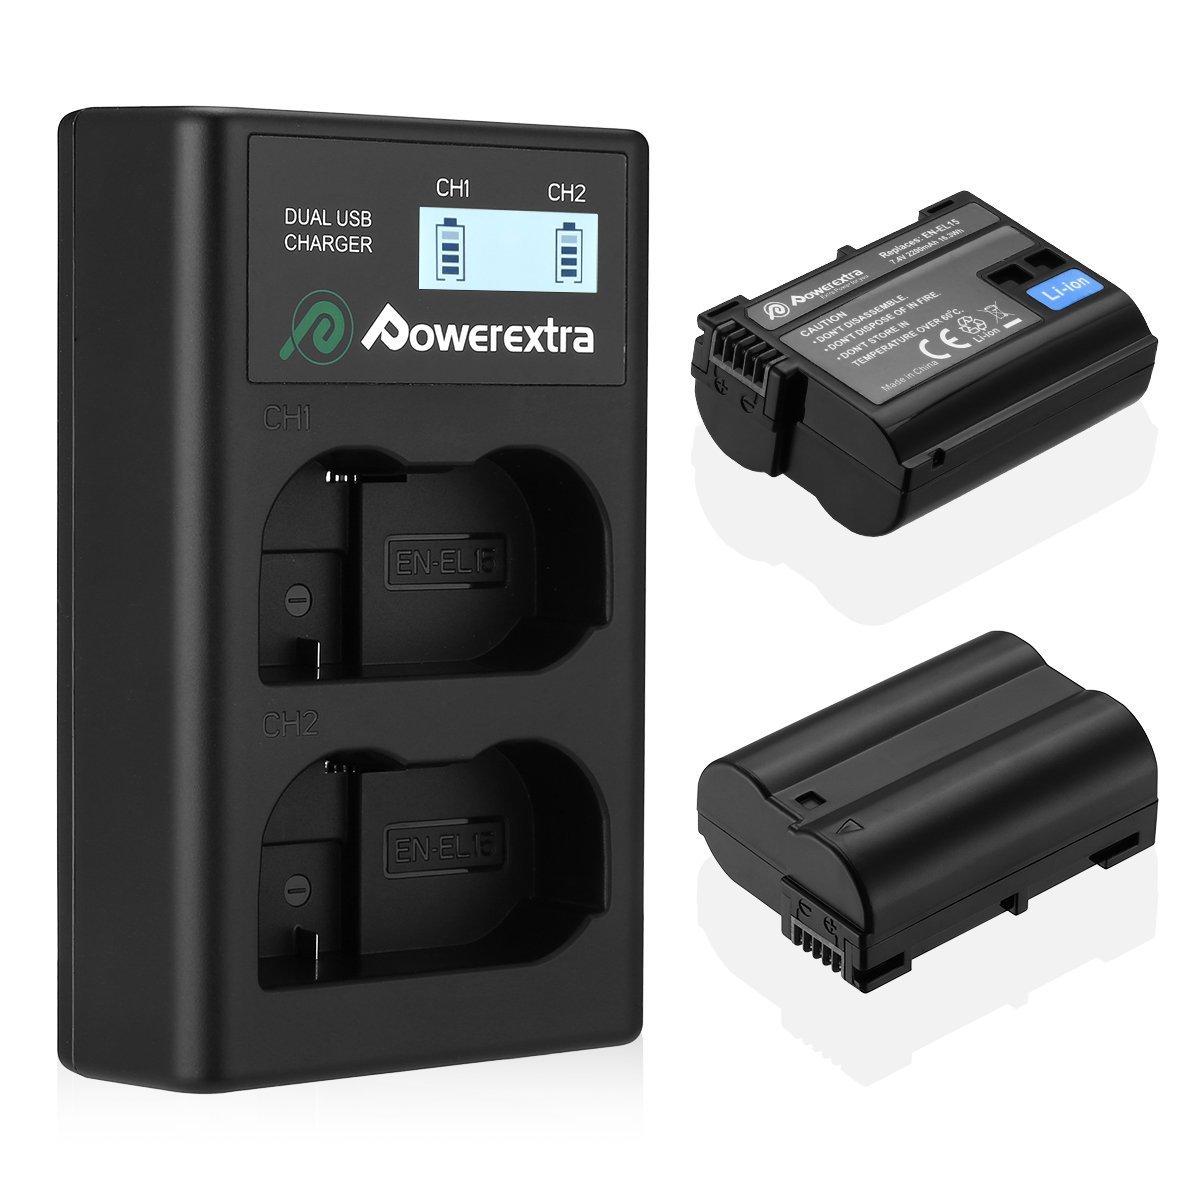 EN-EL15 Powerextra 2 x batteries and LCD Dual USB Battery Charger Compatible with Nikon D7100, D750, D7000, D7200, D7500, D810, D610, D800, D850, D600, D500, D800e, D810a, 1v1 Cameras